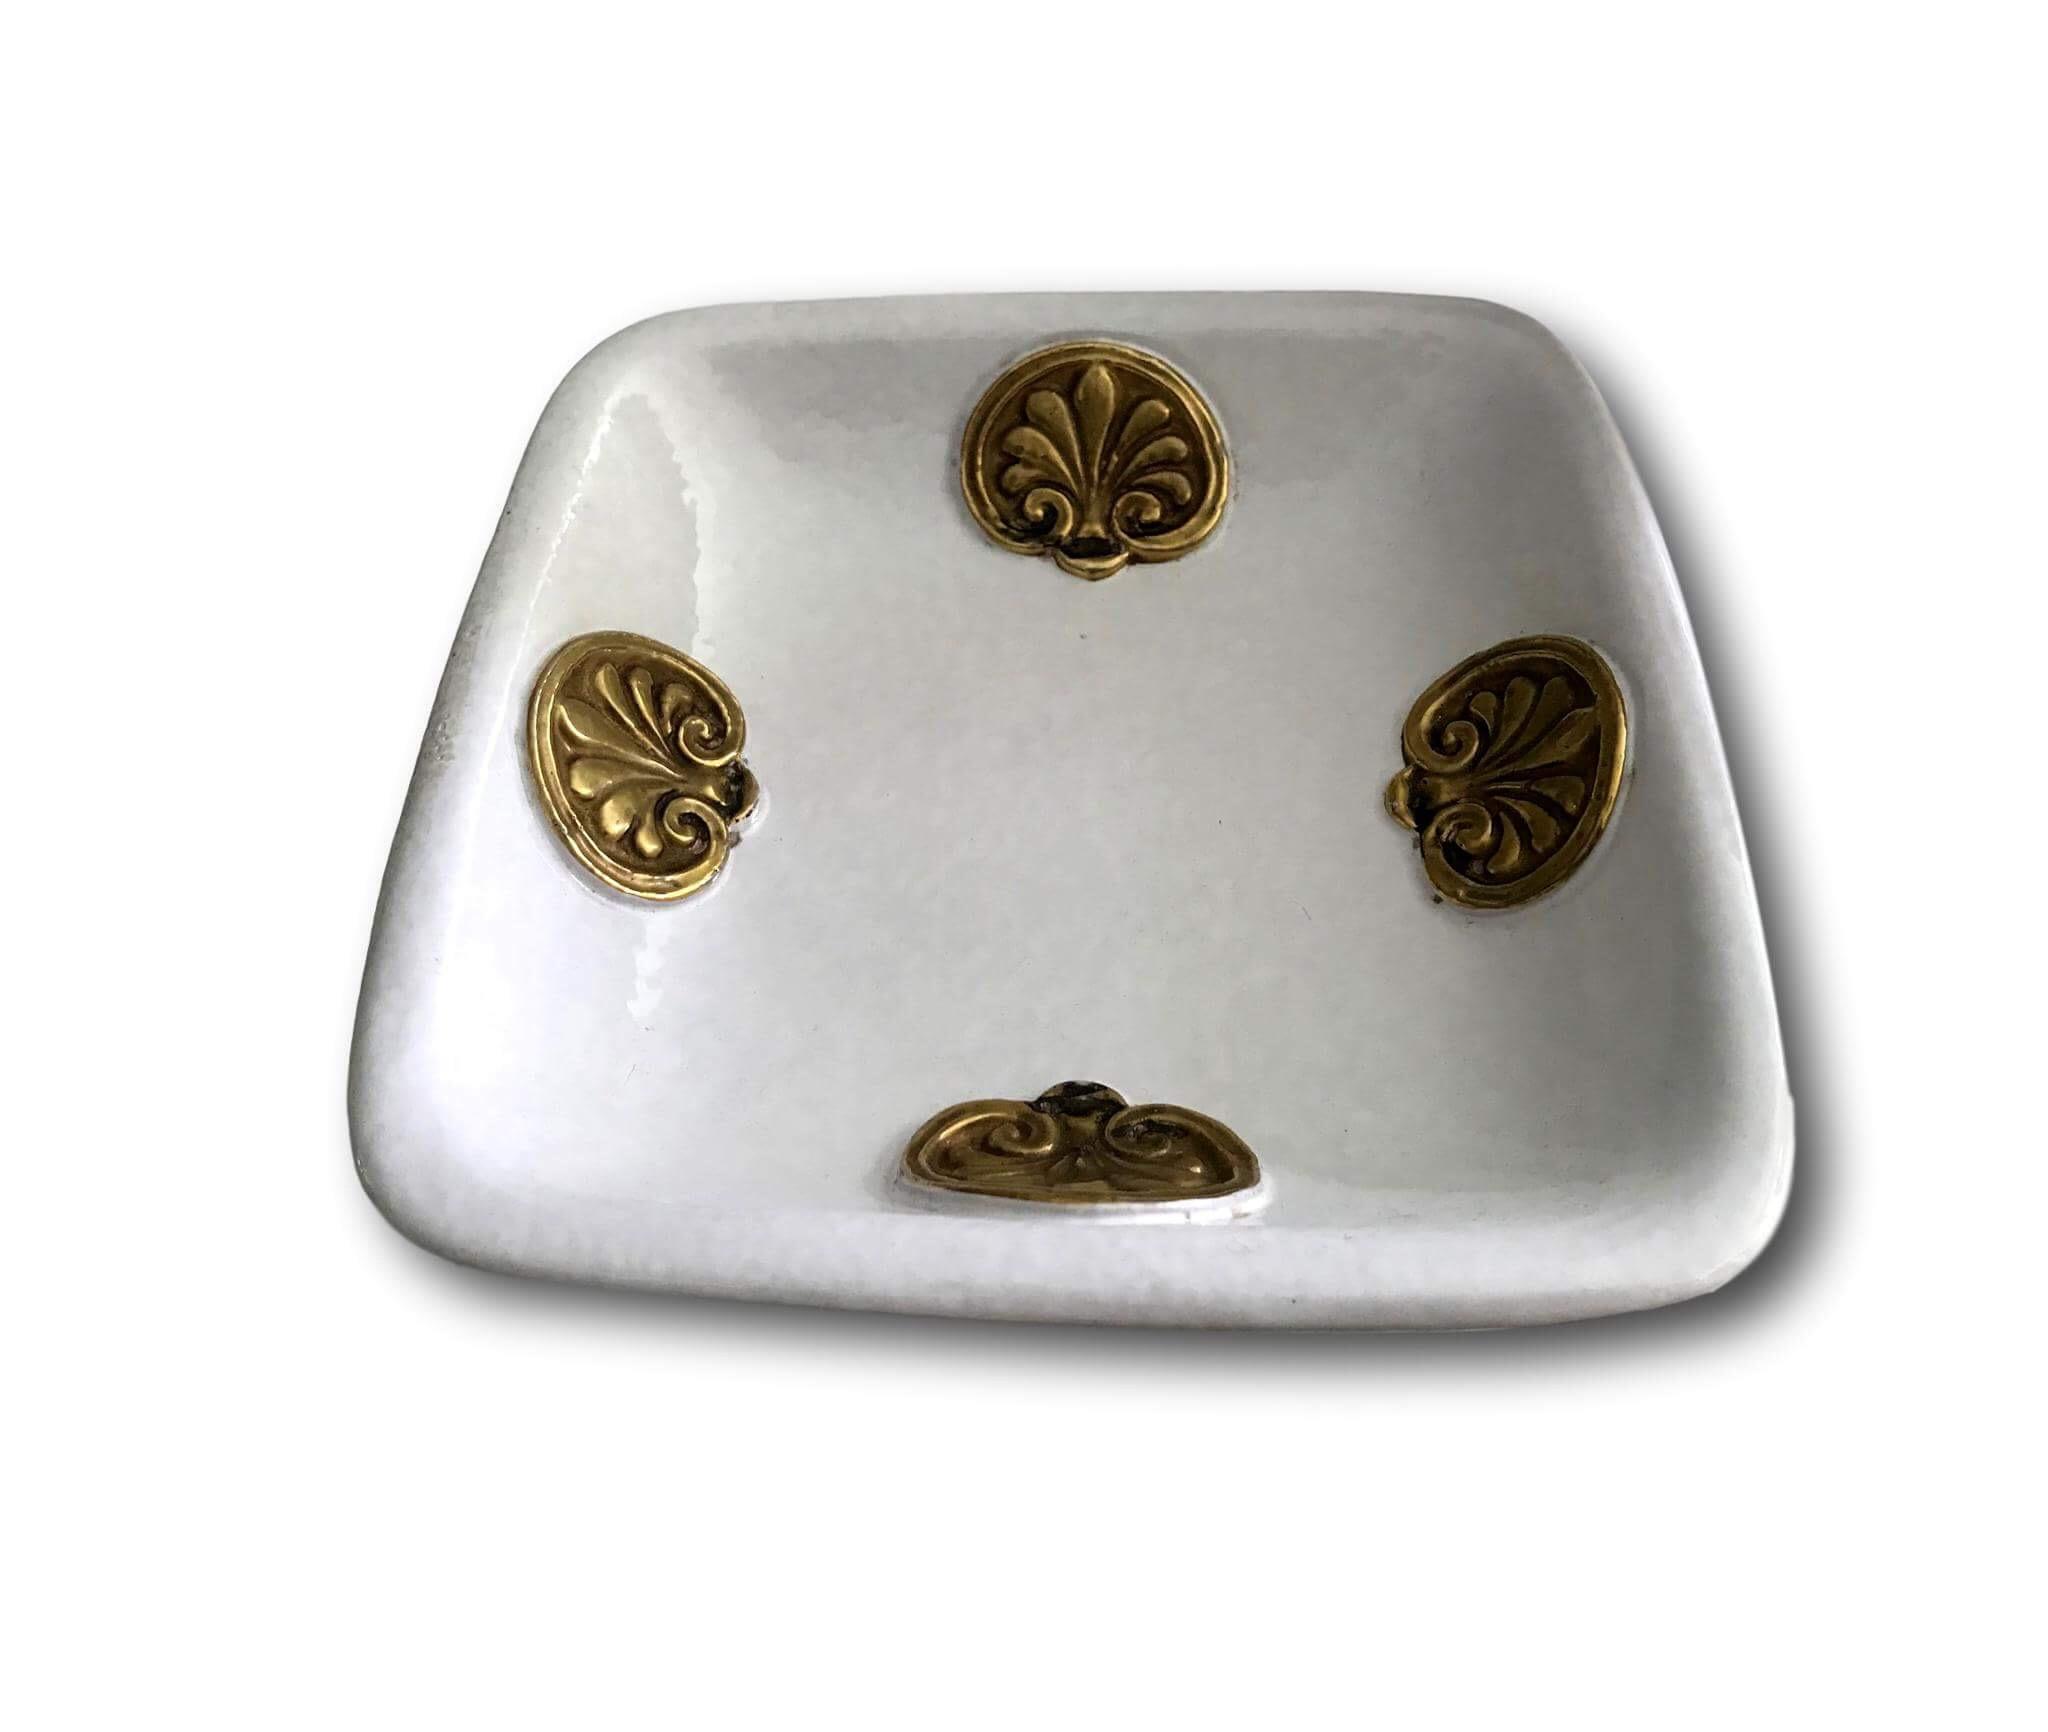 Large 1930 S Ugo Zaccagnini White Ceramic Ashtray James Mcinroe Inc